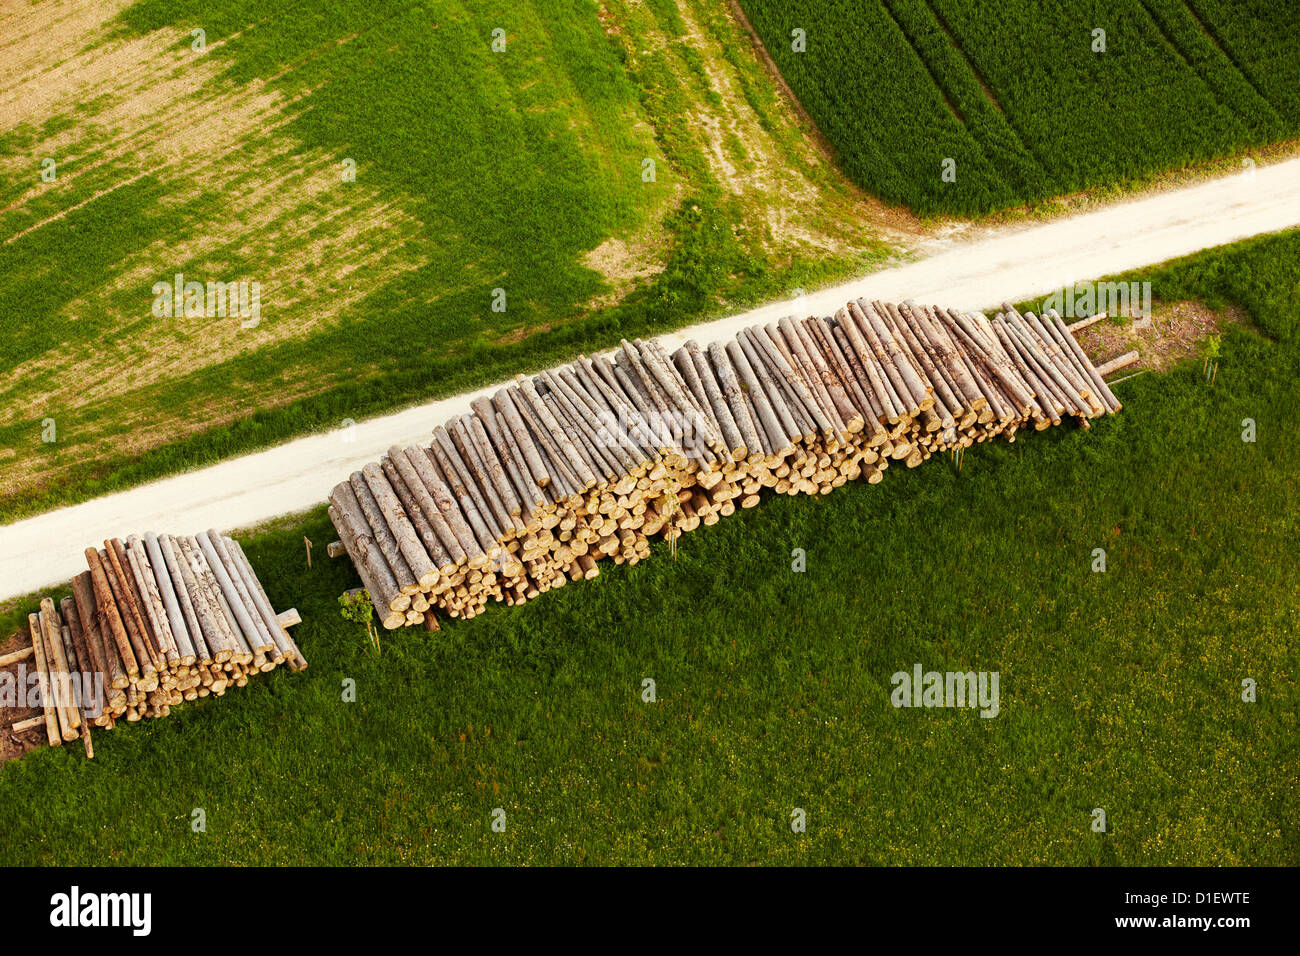 Registros almacenados en una ruta, fotografía aérea Imagen De Stock